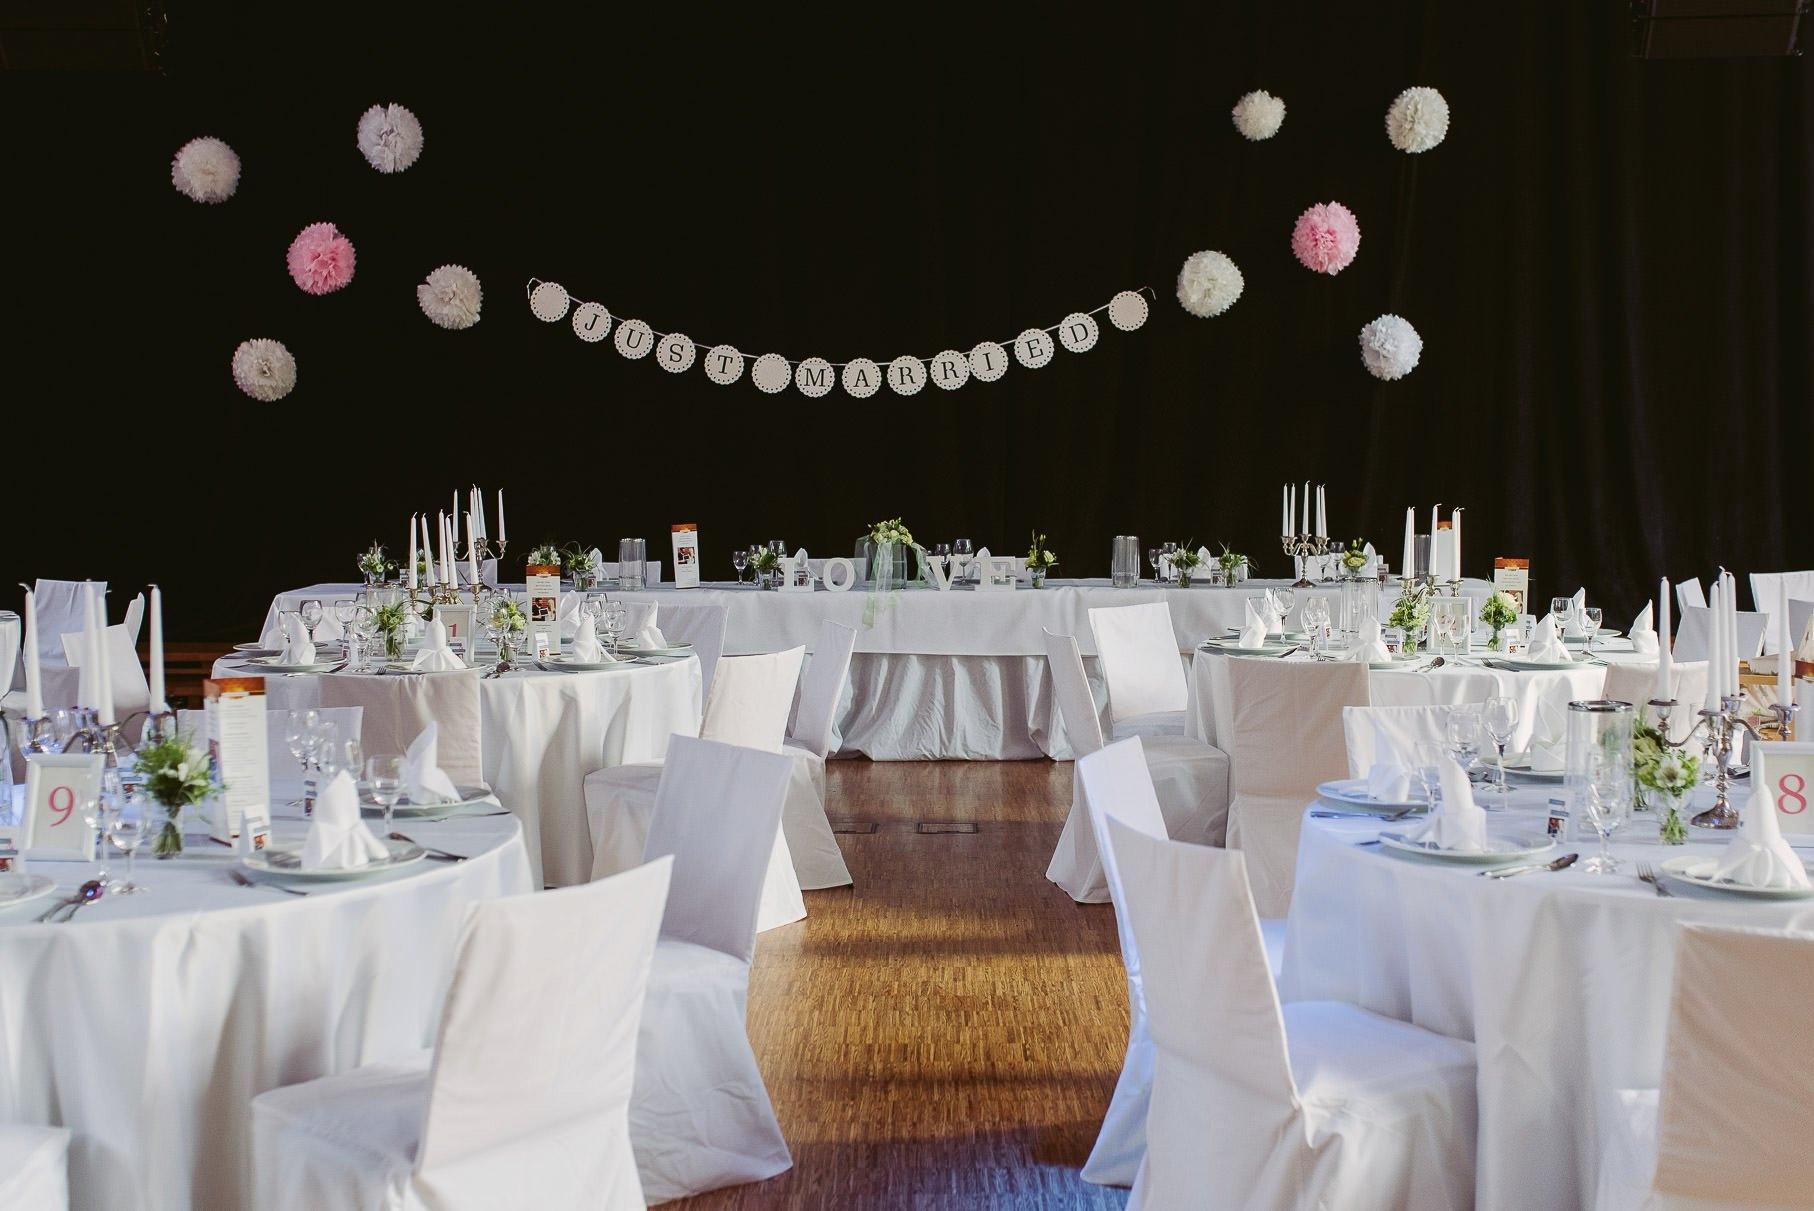 0069 jus 811 9935 - Hochzeit im Wasserturm Lüneburg - Jenny & Sascha